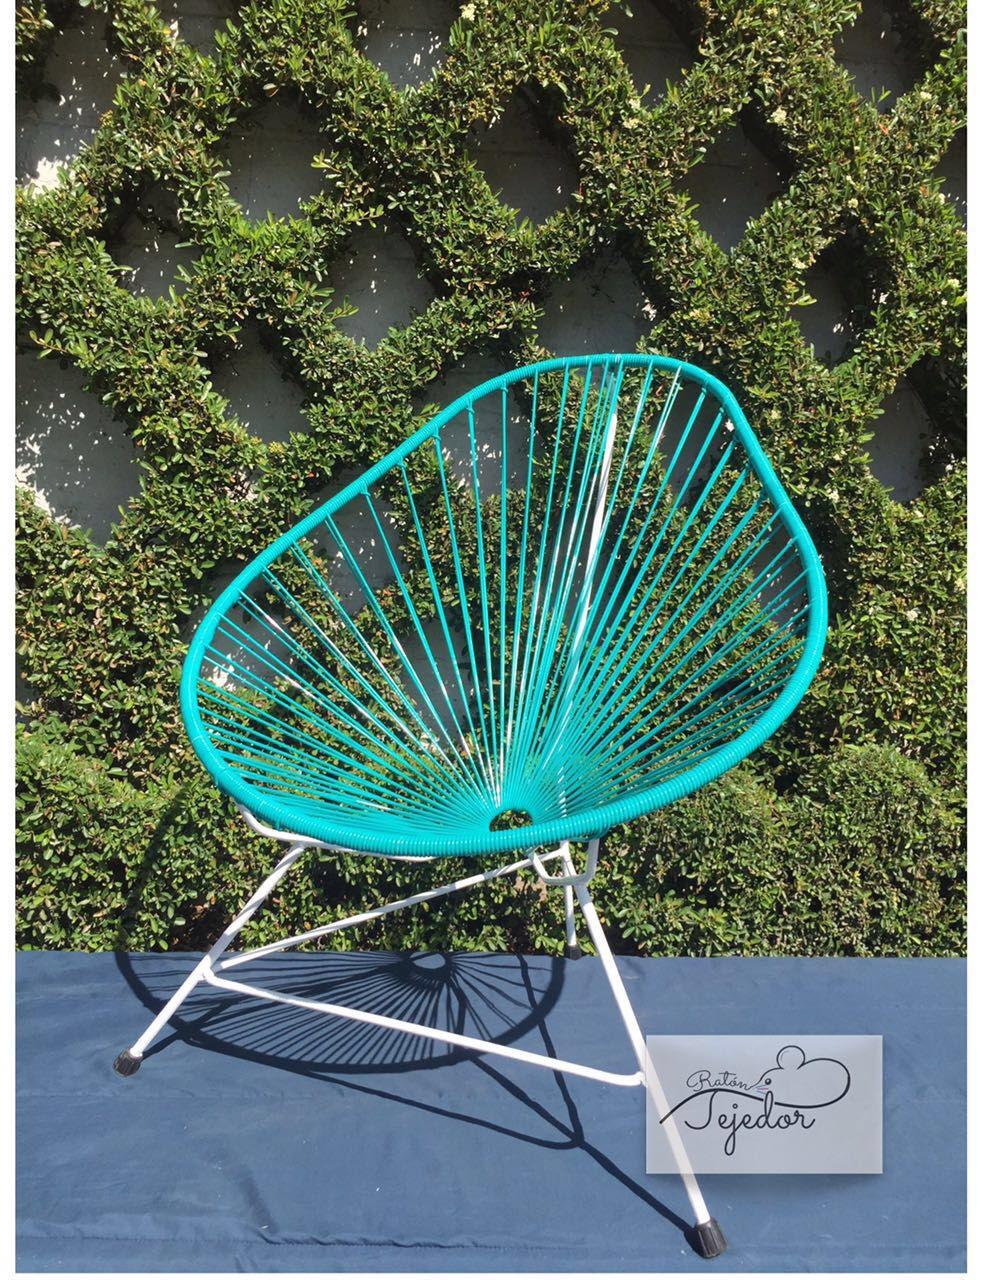 Decoración con sillas Acapulco #sillasacapulco #colores #sillas #terraza #jardin